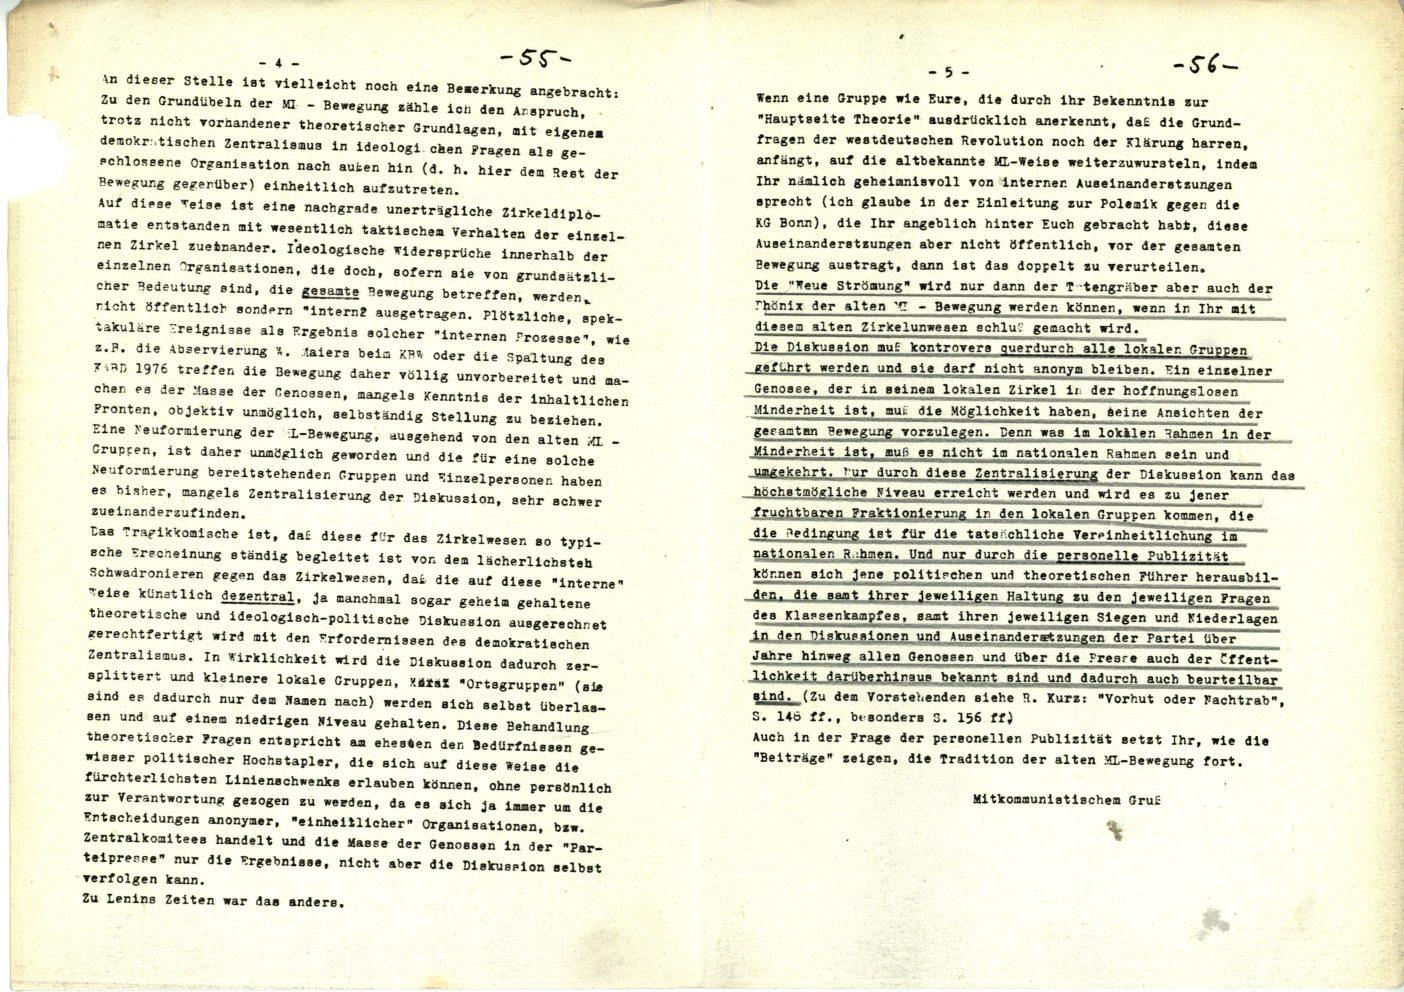 Nuernberg_Fuerth_Erlangen_ML_Diskussionsbeitraege_1978_01_29